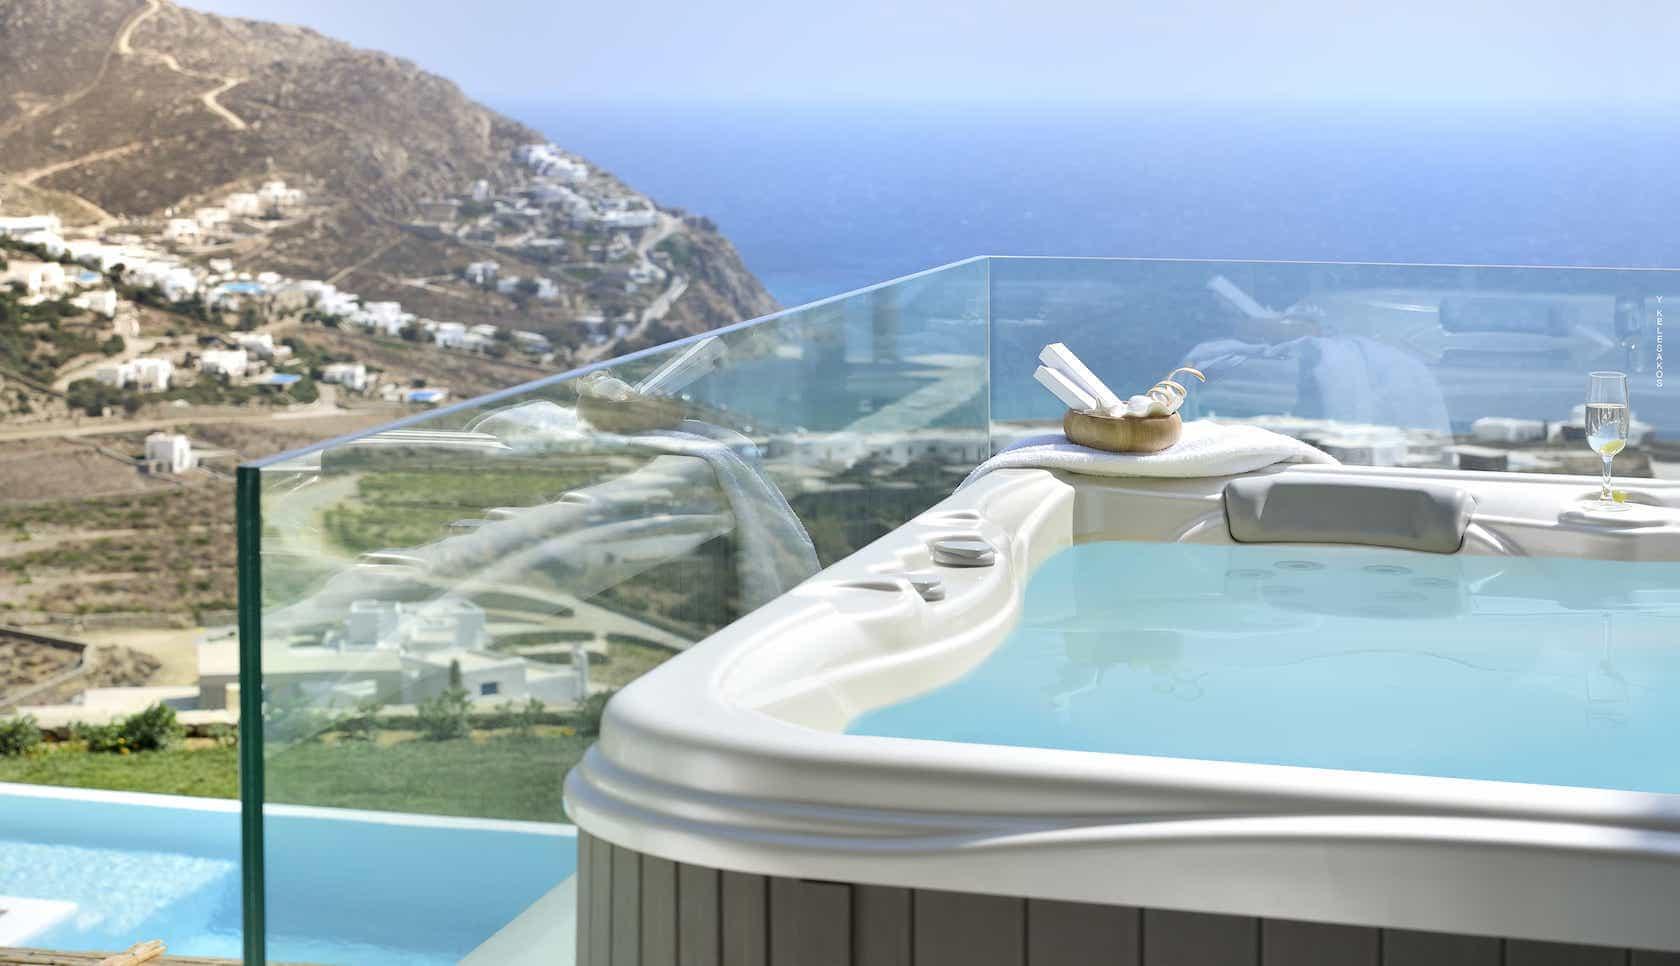 Φθηνή διαμονή σε βίλα στη Μύκονο για του Αγίου Πνεύματος Ι Mykonos Luxury